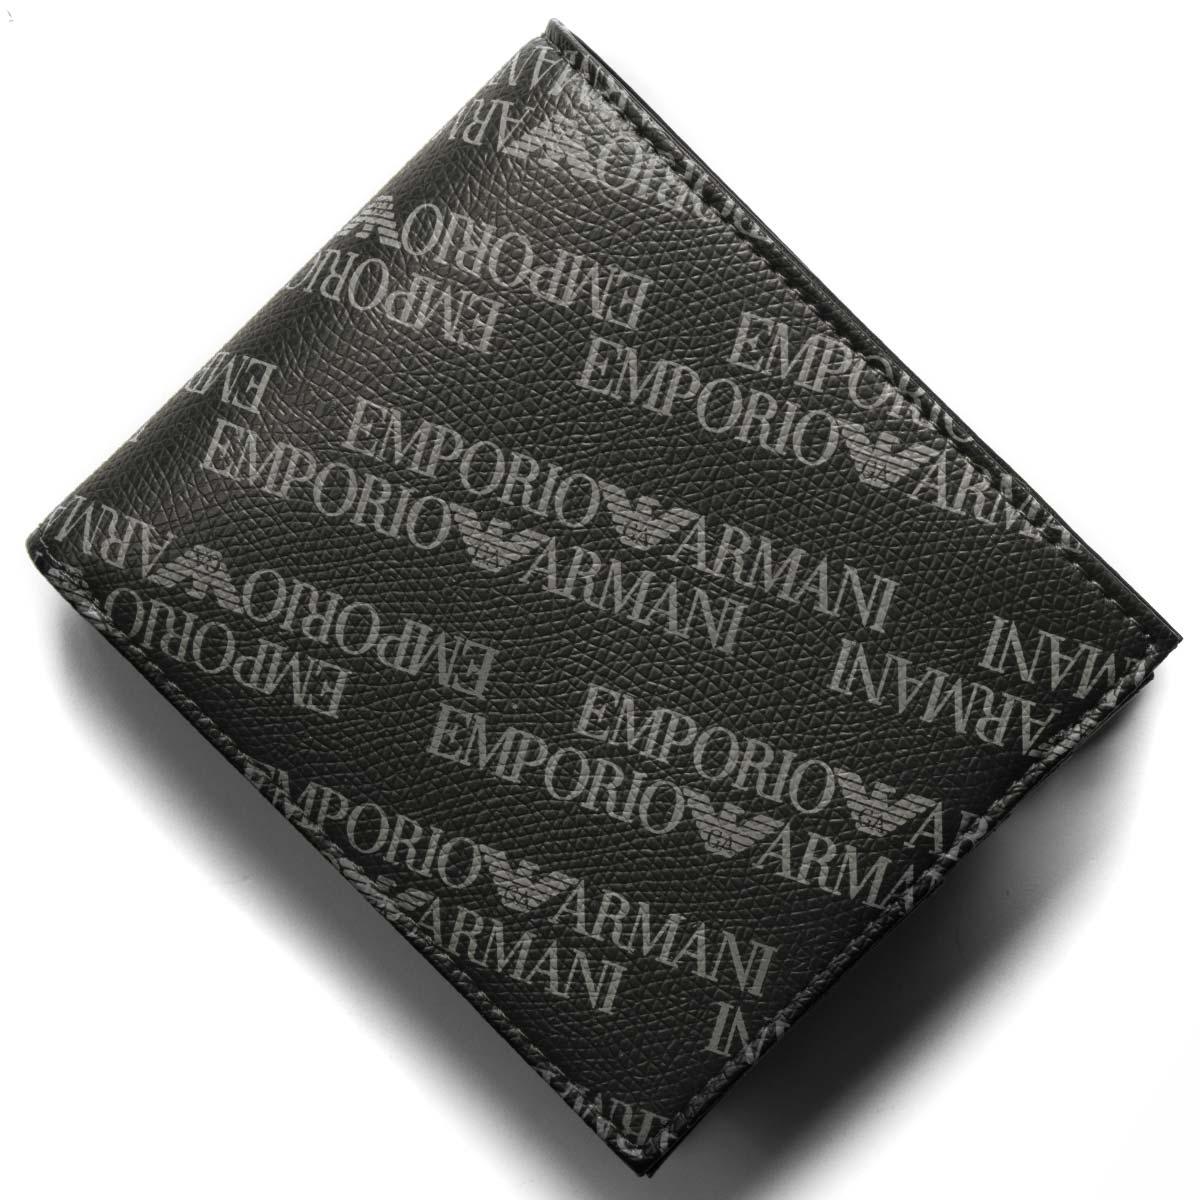 二つ折り財布 ラヴァーニャ×ブラック Y4R165 YLO7E 86526 小銭入れ付 ロゴ型押し EMPORIO ARMANI 【送料無料】 エンポリオアルマーニ